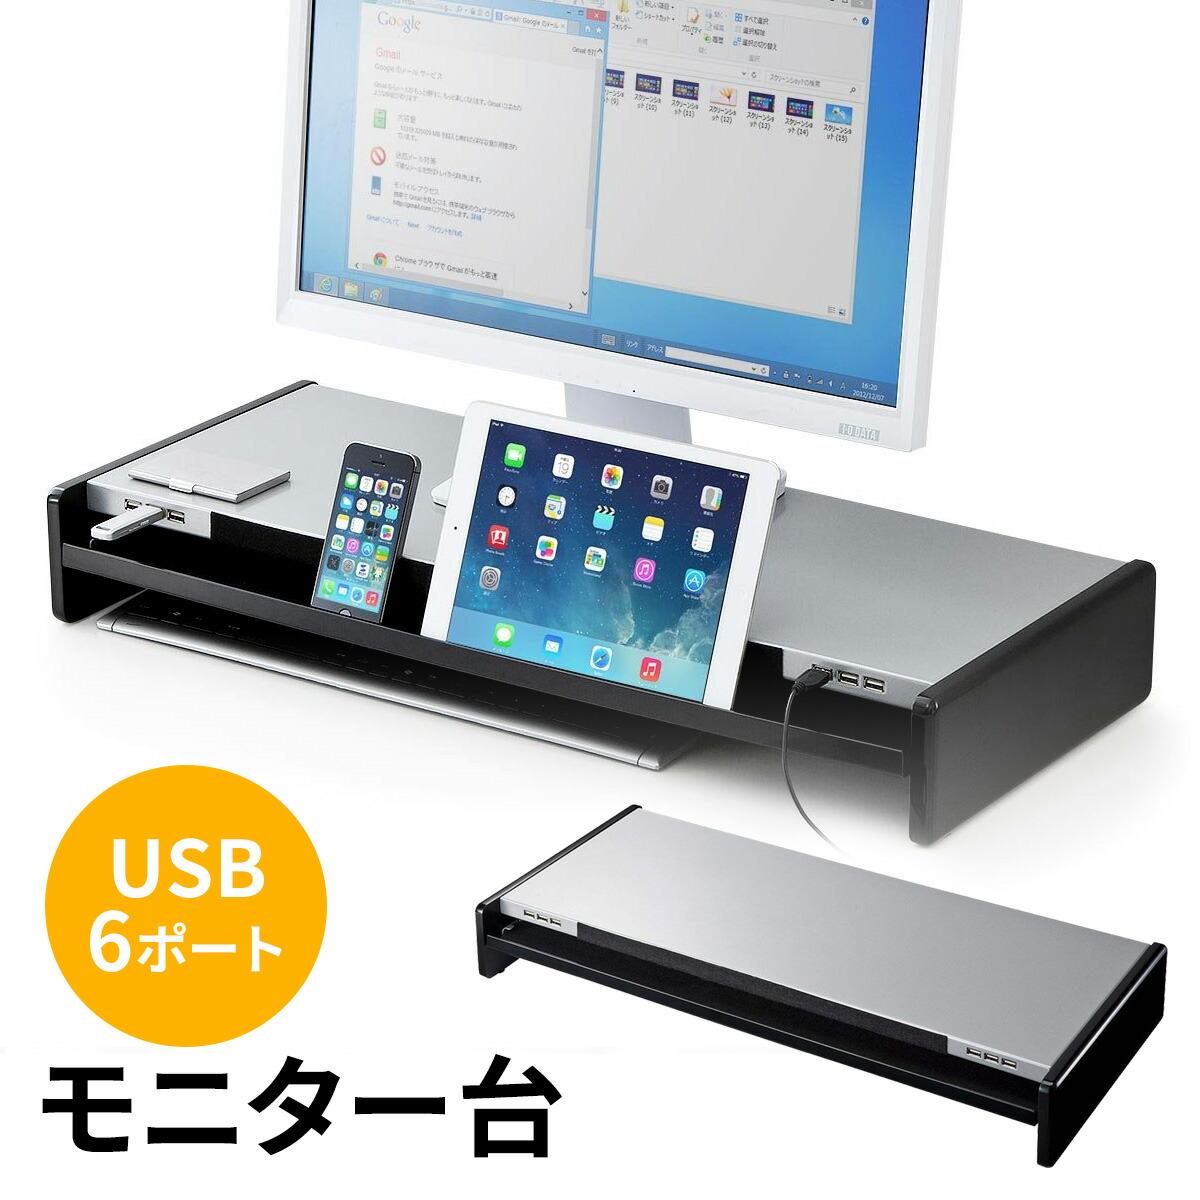 机上台 モニタースタンド パソコン モニター台 机上ラック タブレット&スマホスタンドになる収納トレイ付 USBハブ付 幅70cm 奥行き30cm 引き出し付 スチール